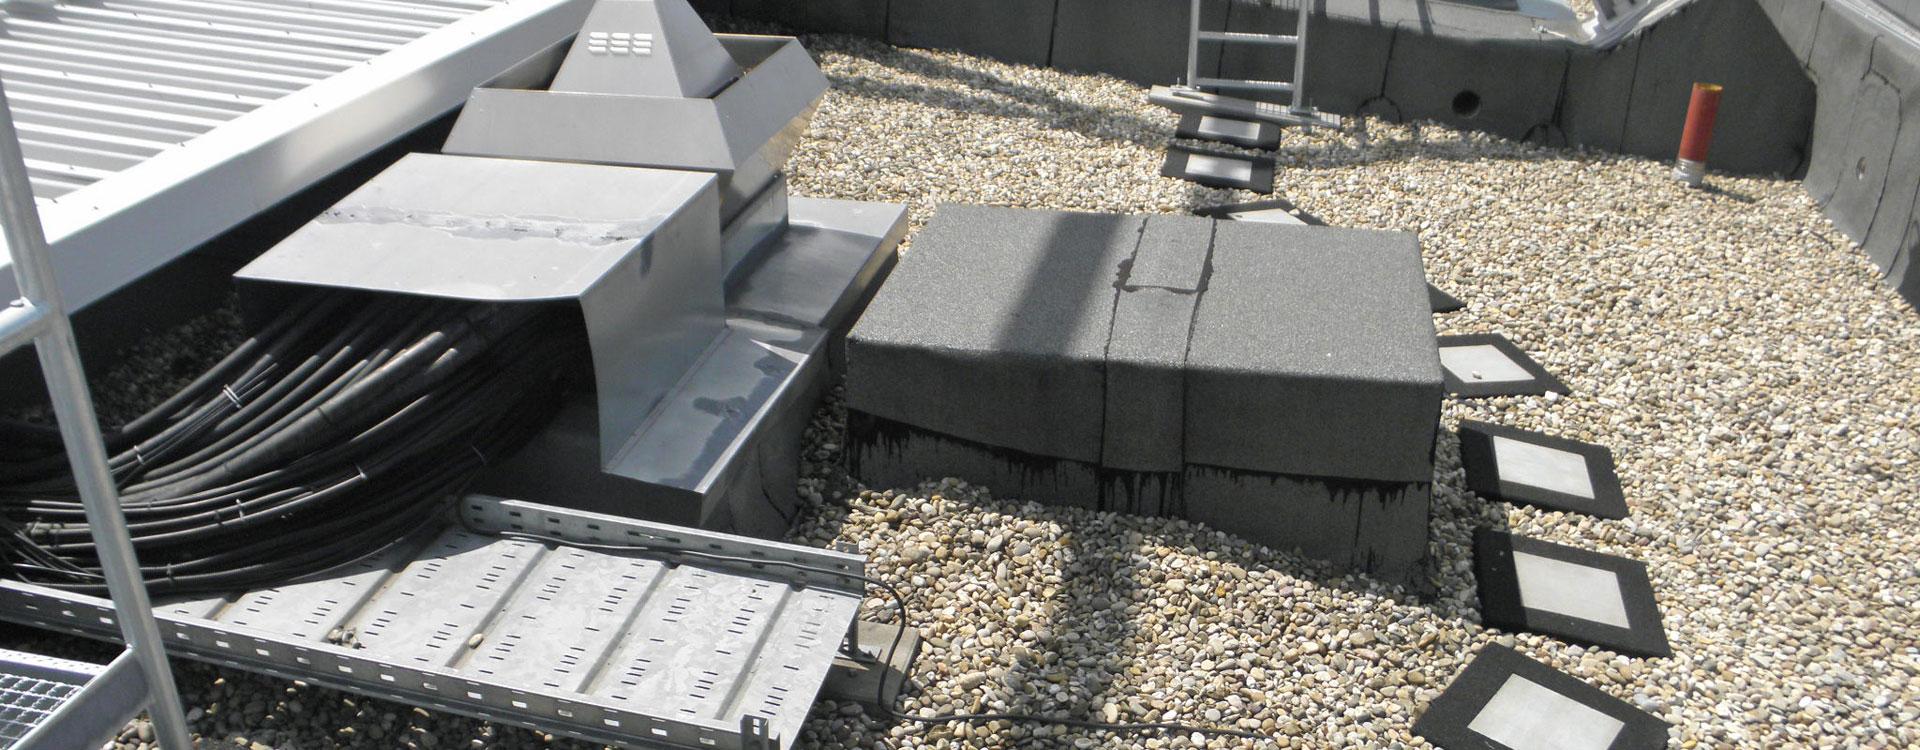 eltecpur® roof wegplatten und kombiwegplatten als lösung für das